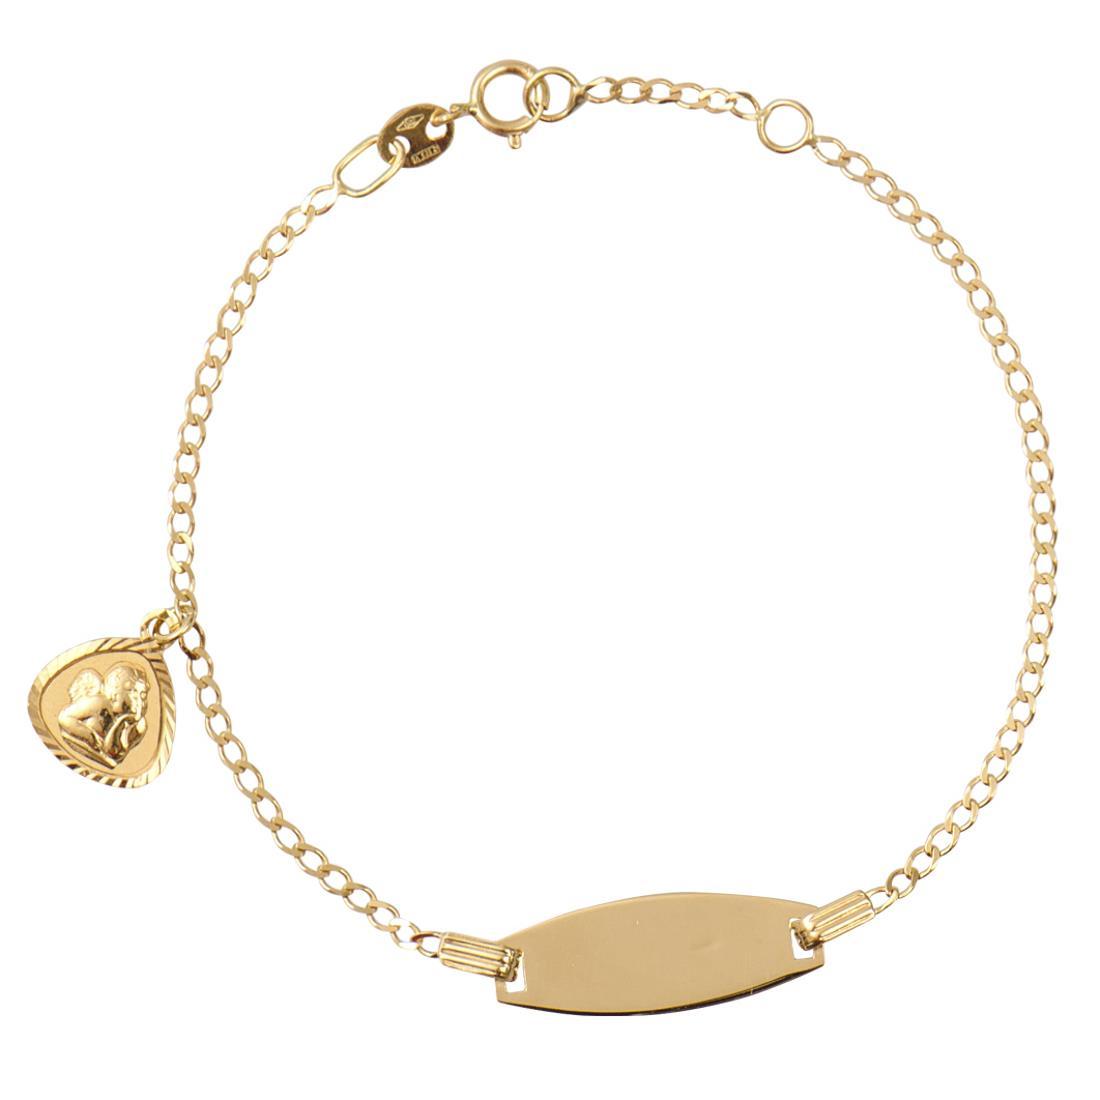 Bracciale per neonato in oro giallo con targhetta - ORO&CO